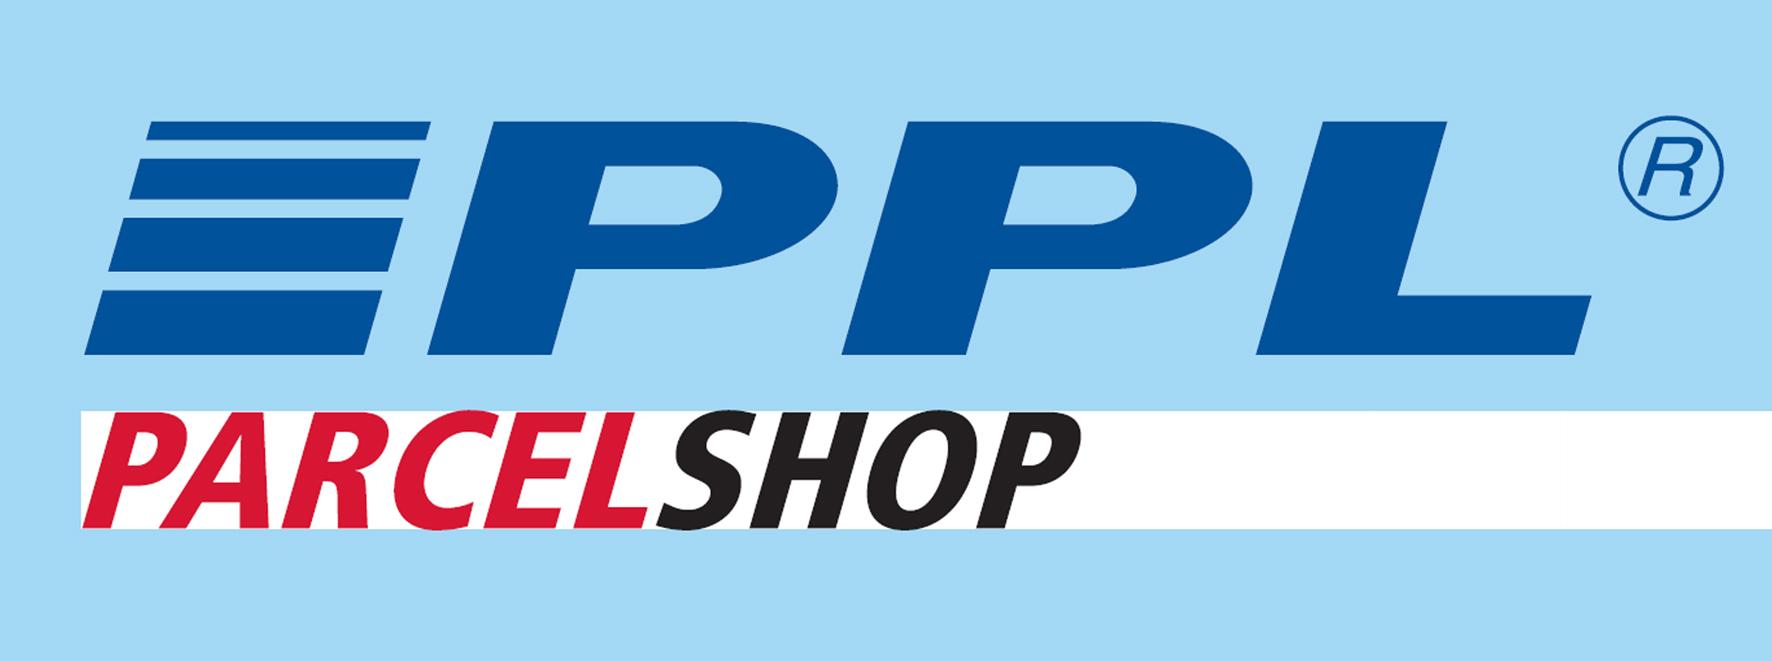 Parcel Shop - Vinotéka Plzeň